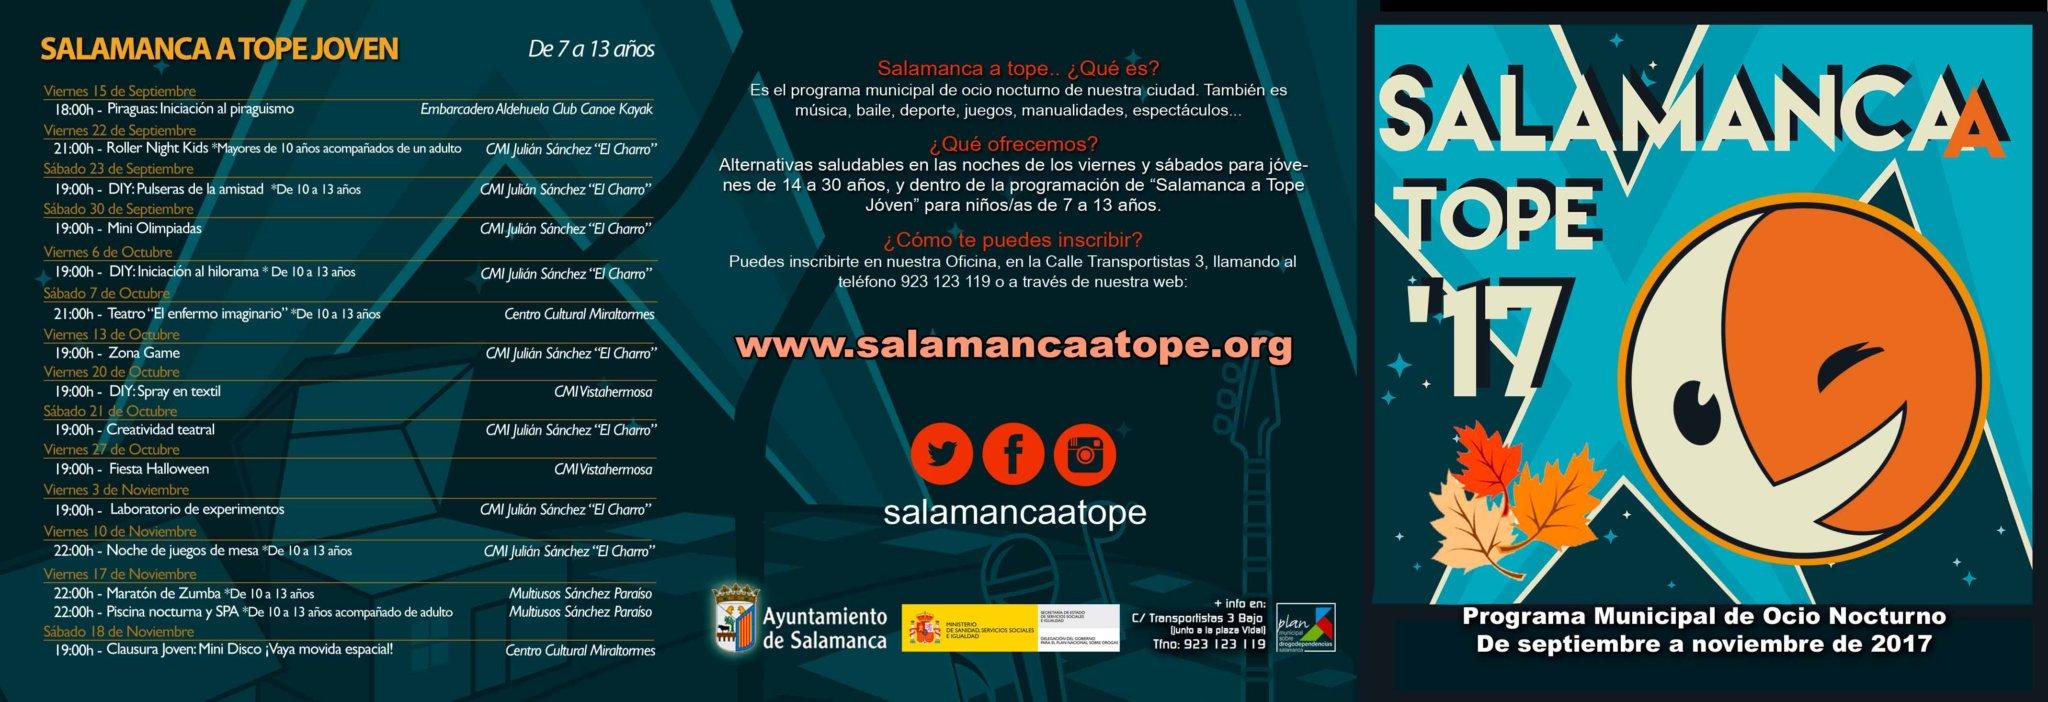 Salamanca a Tope 2017